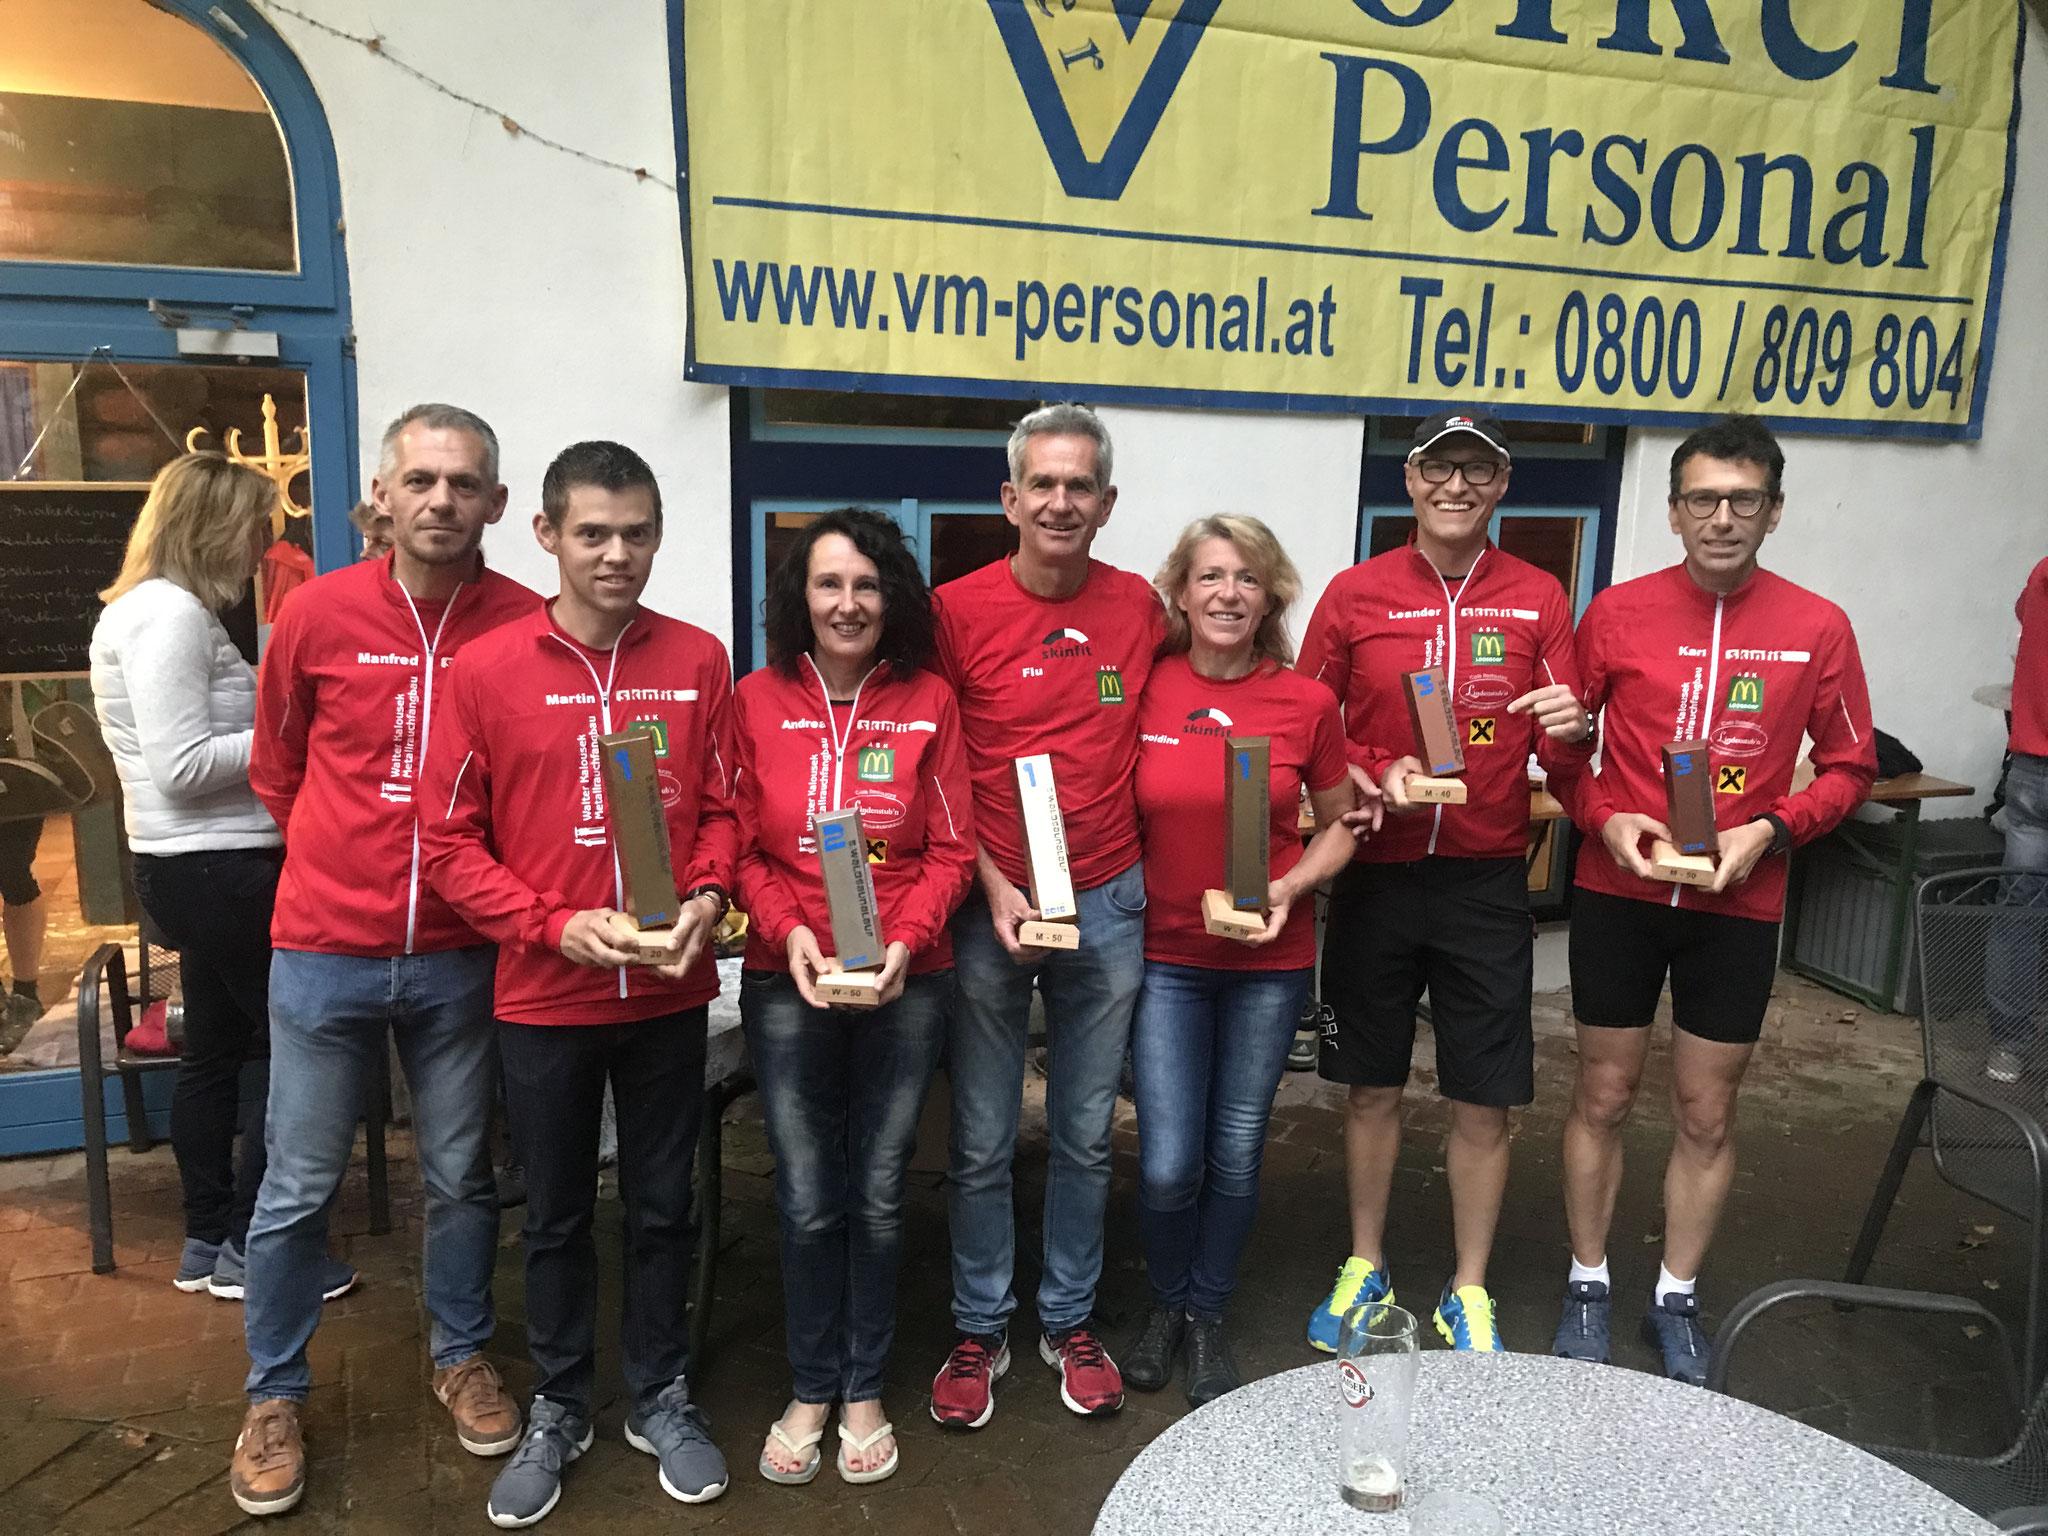 Gratulation dem erfolgreichen Team! 6 Pokale! Wahnsinn!